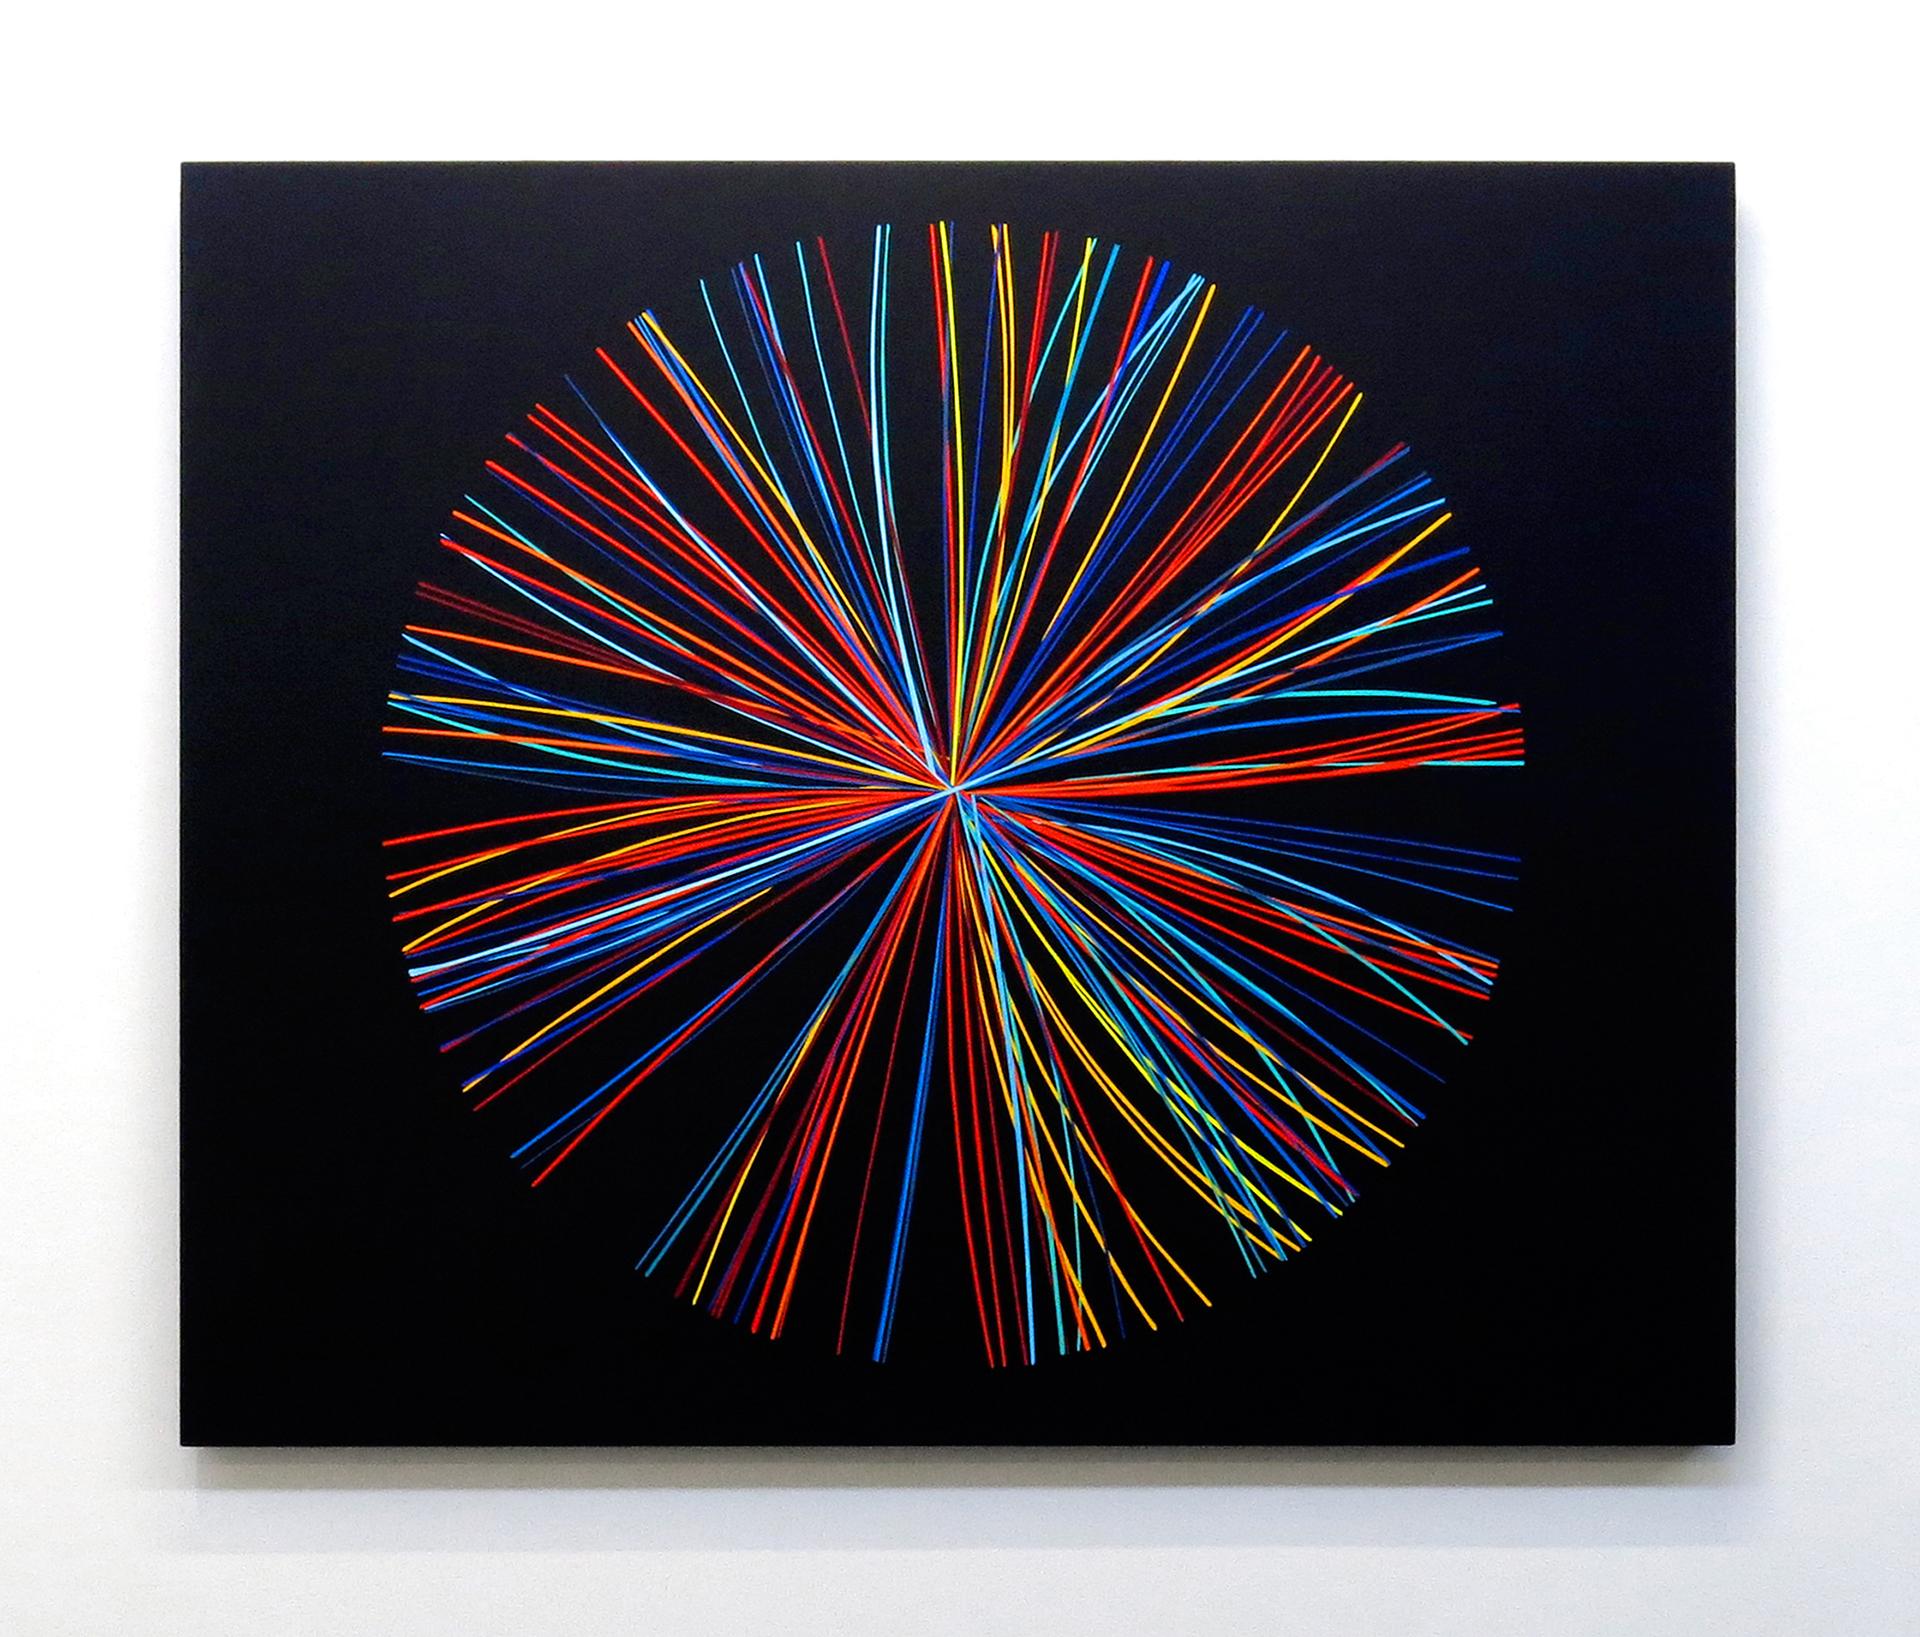 Production de masse A-01,   2013 Acrylique sur toile 107 x 130 cm